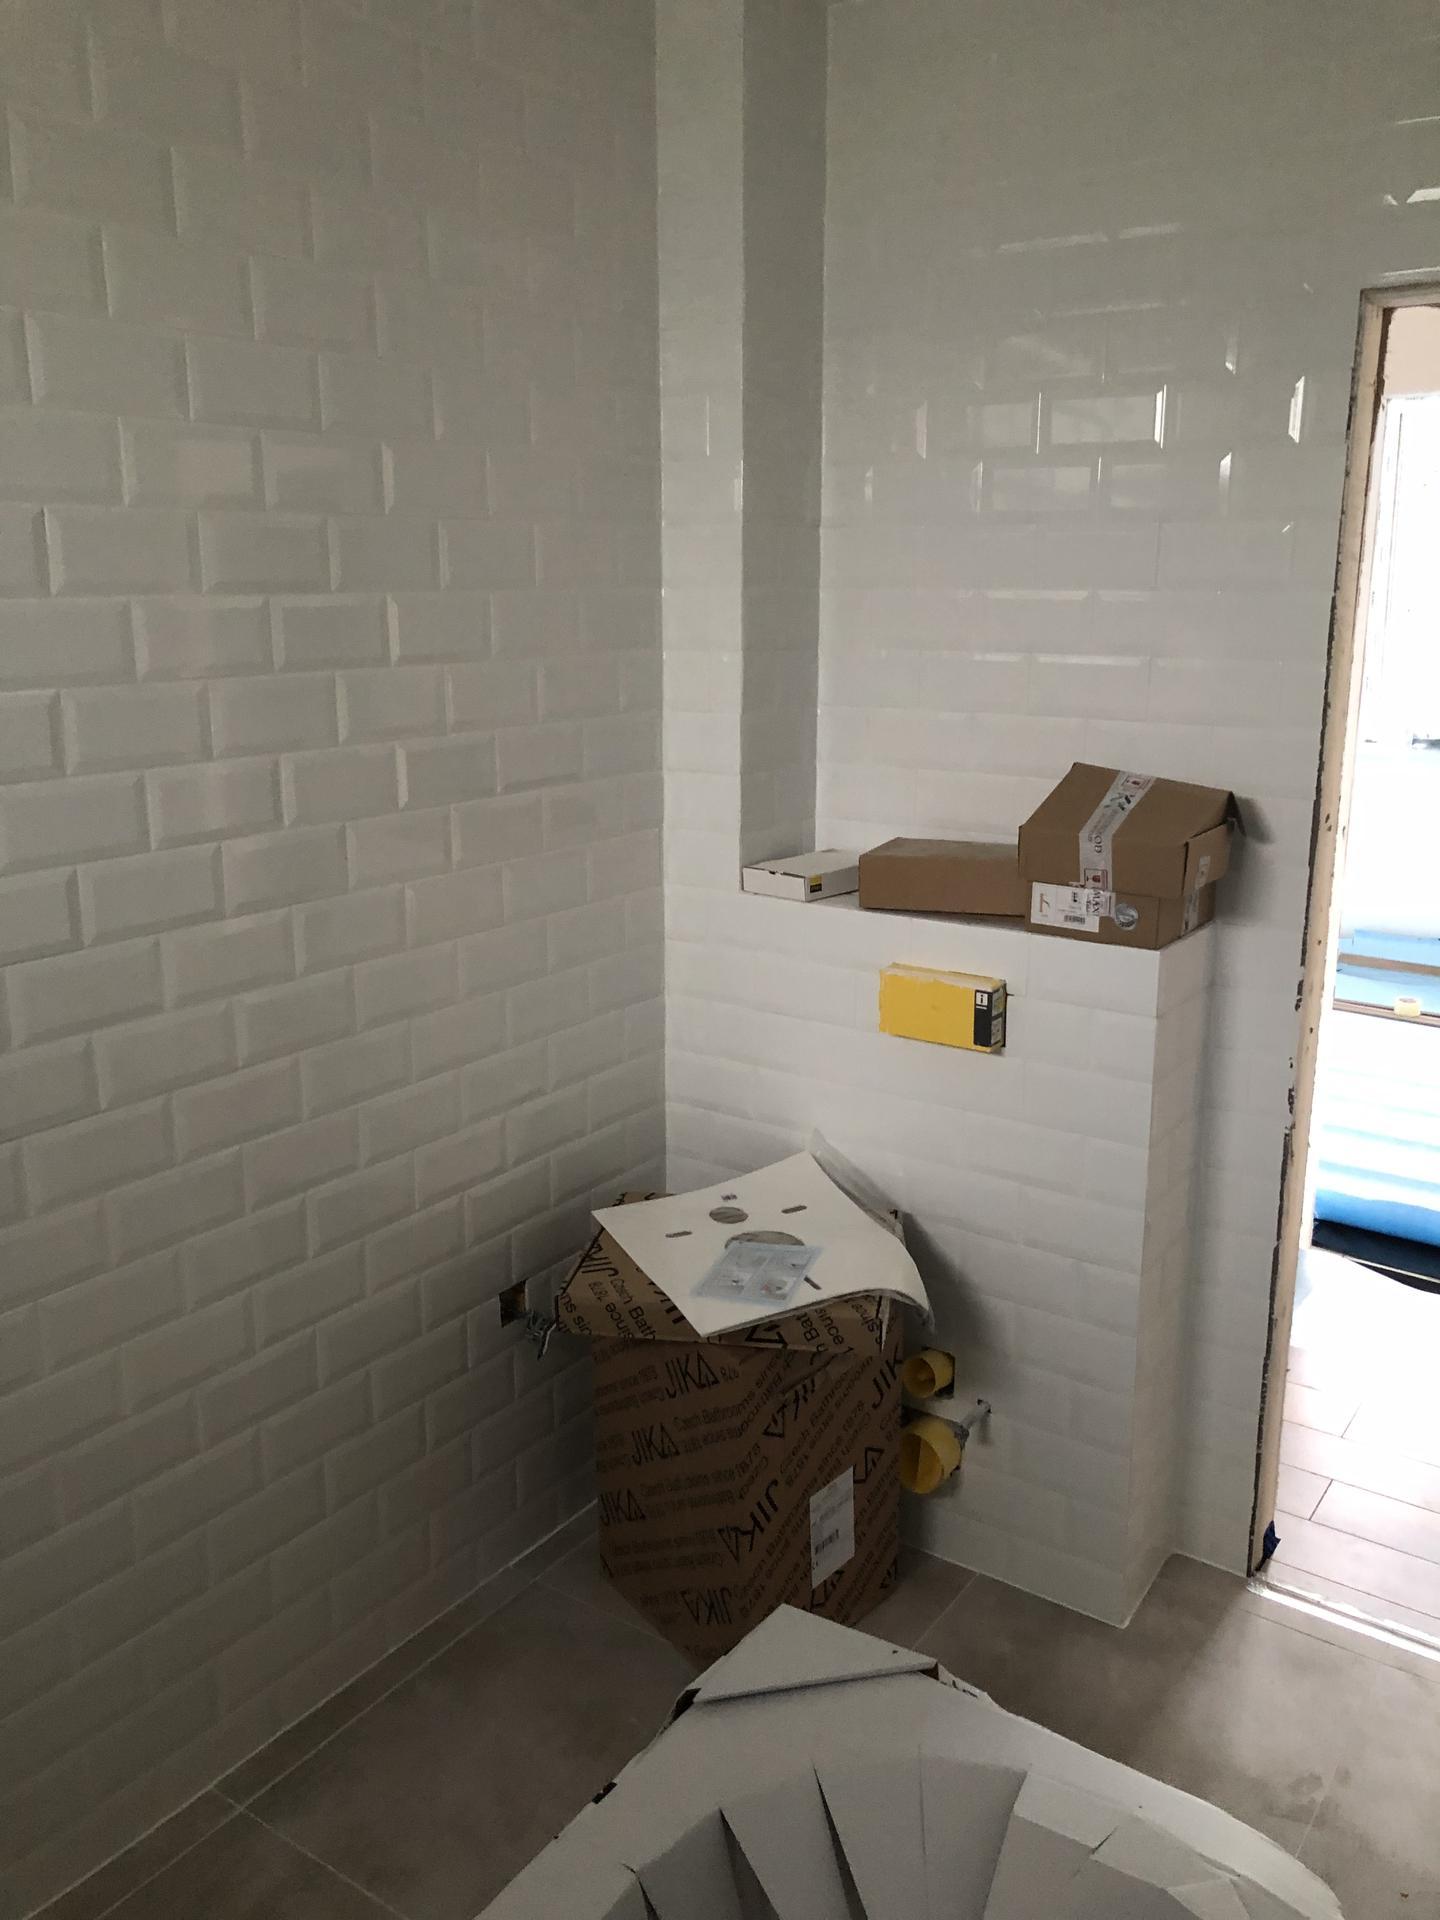 Naše prvé vlastné bývanie - Dnes sa zacina montovat sanita :)